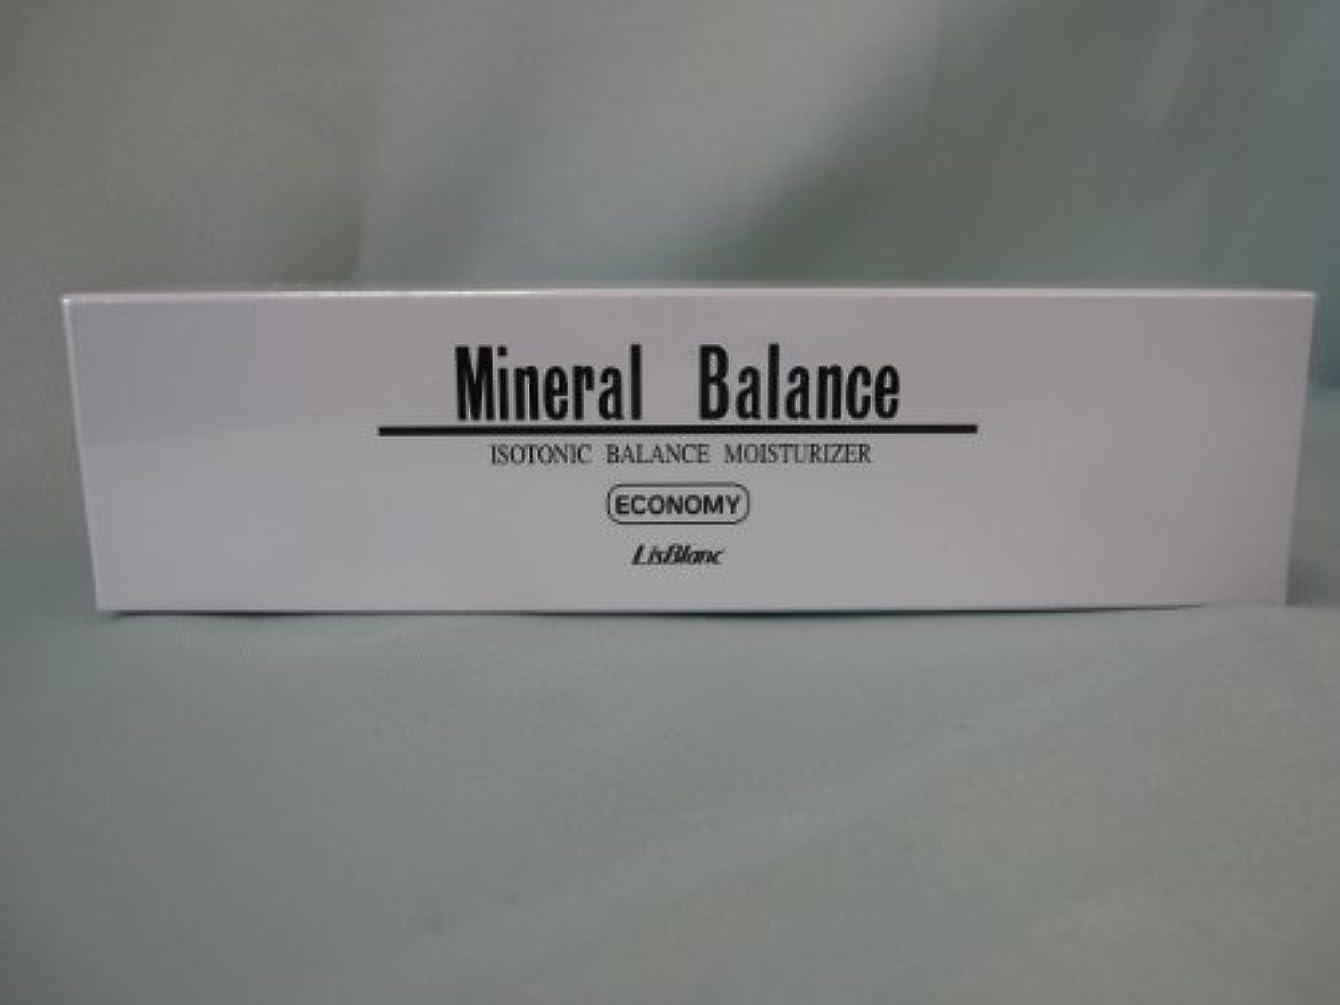 癒すカプセル価格リスブラン 薬用ミネラルバランス 100g